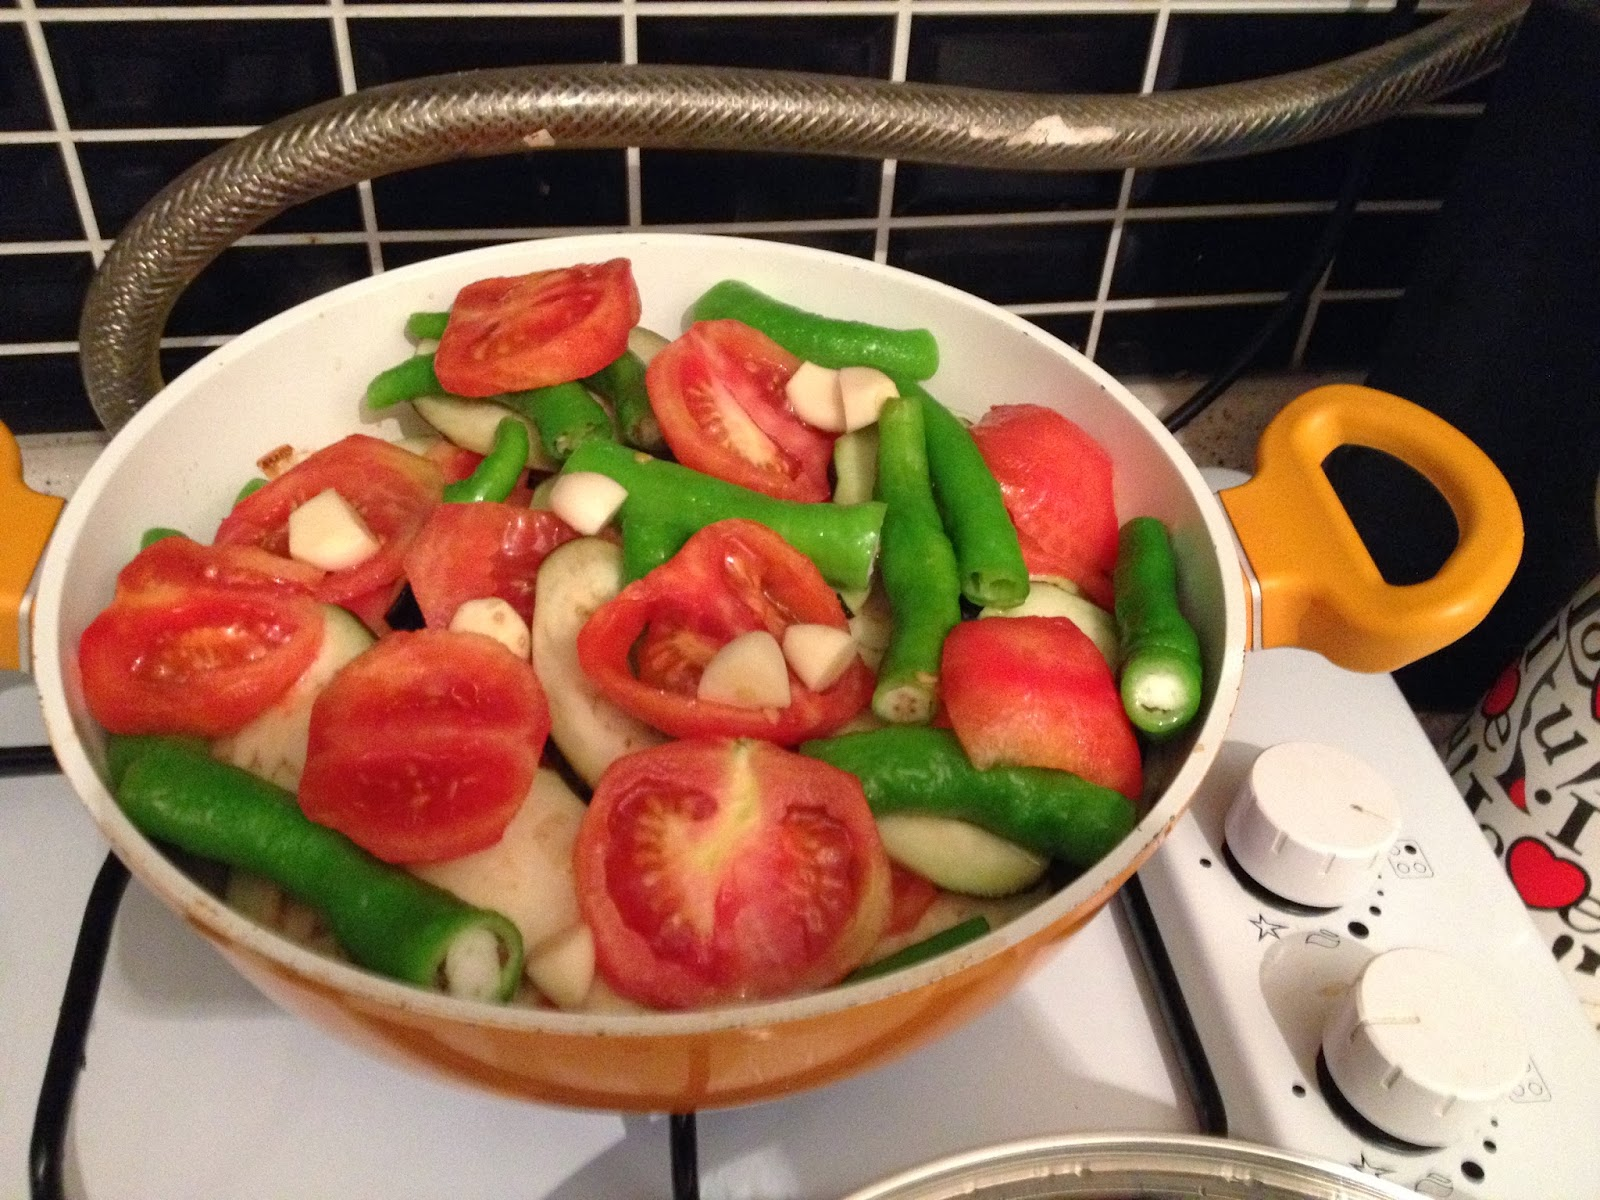 Közlenmiş patlıcan ezmesi ile Etiketlenen Konular 58